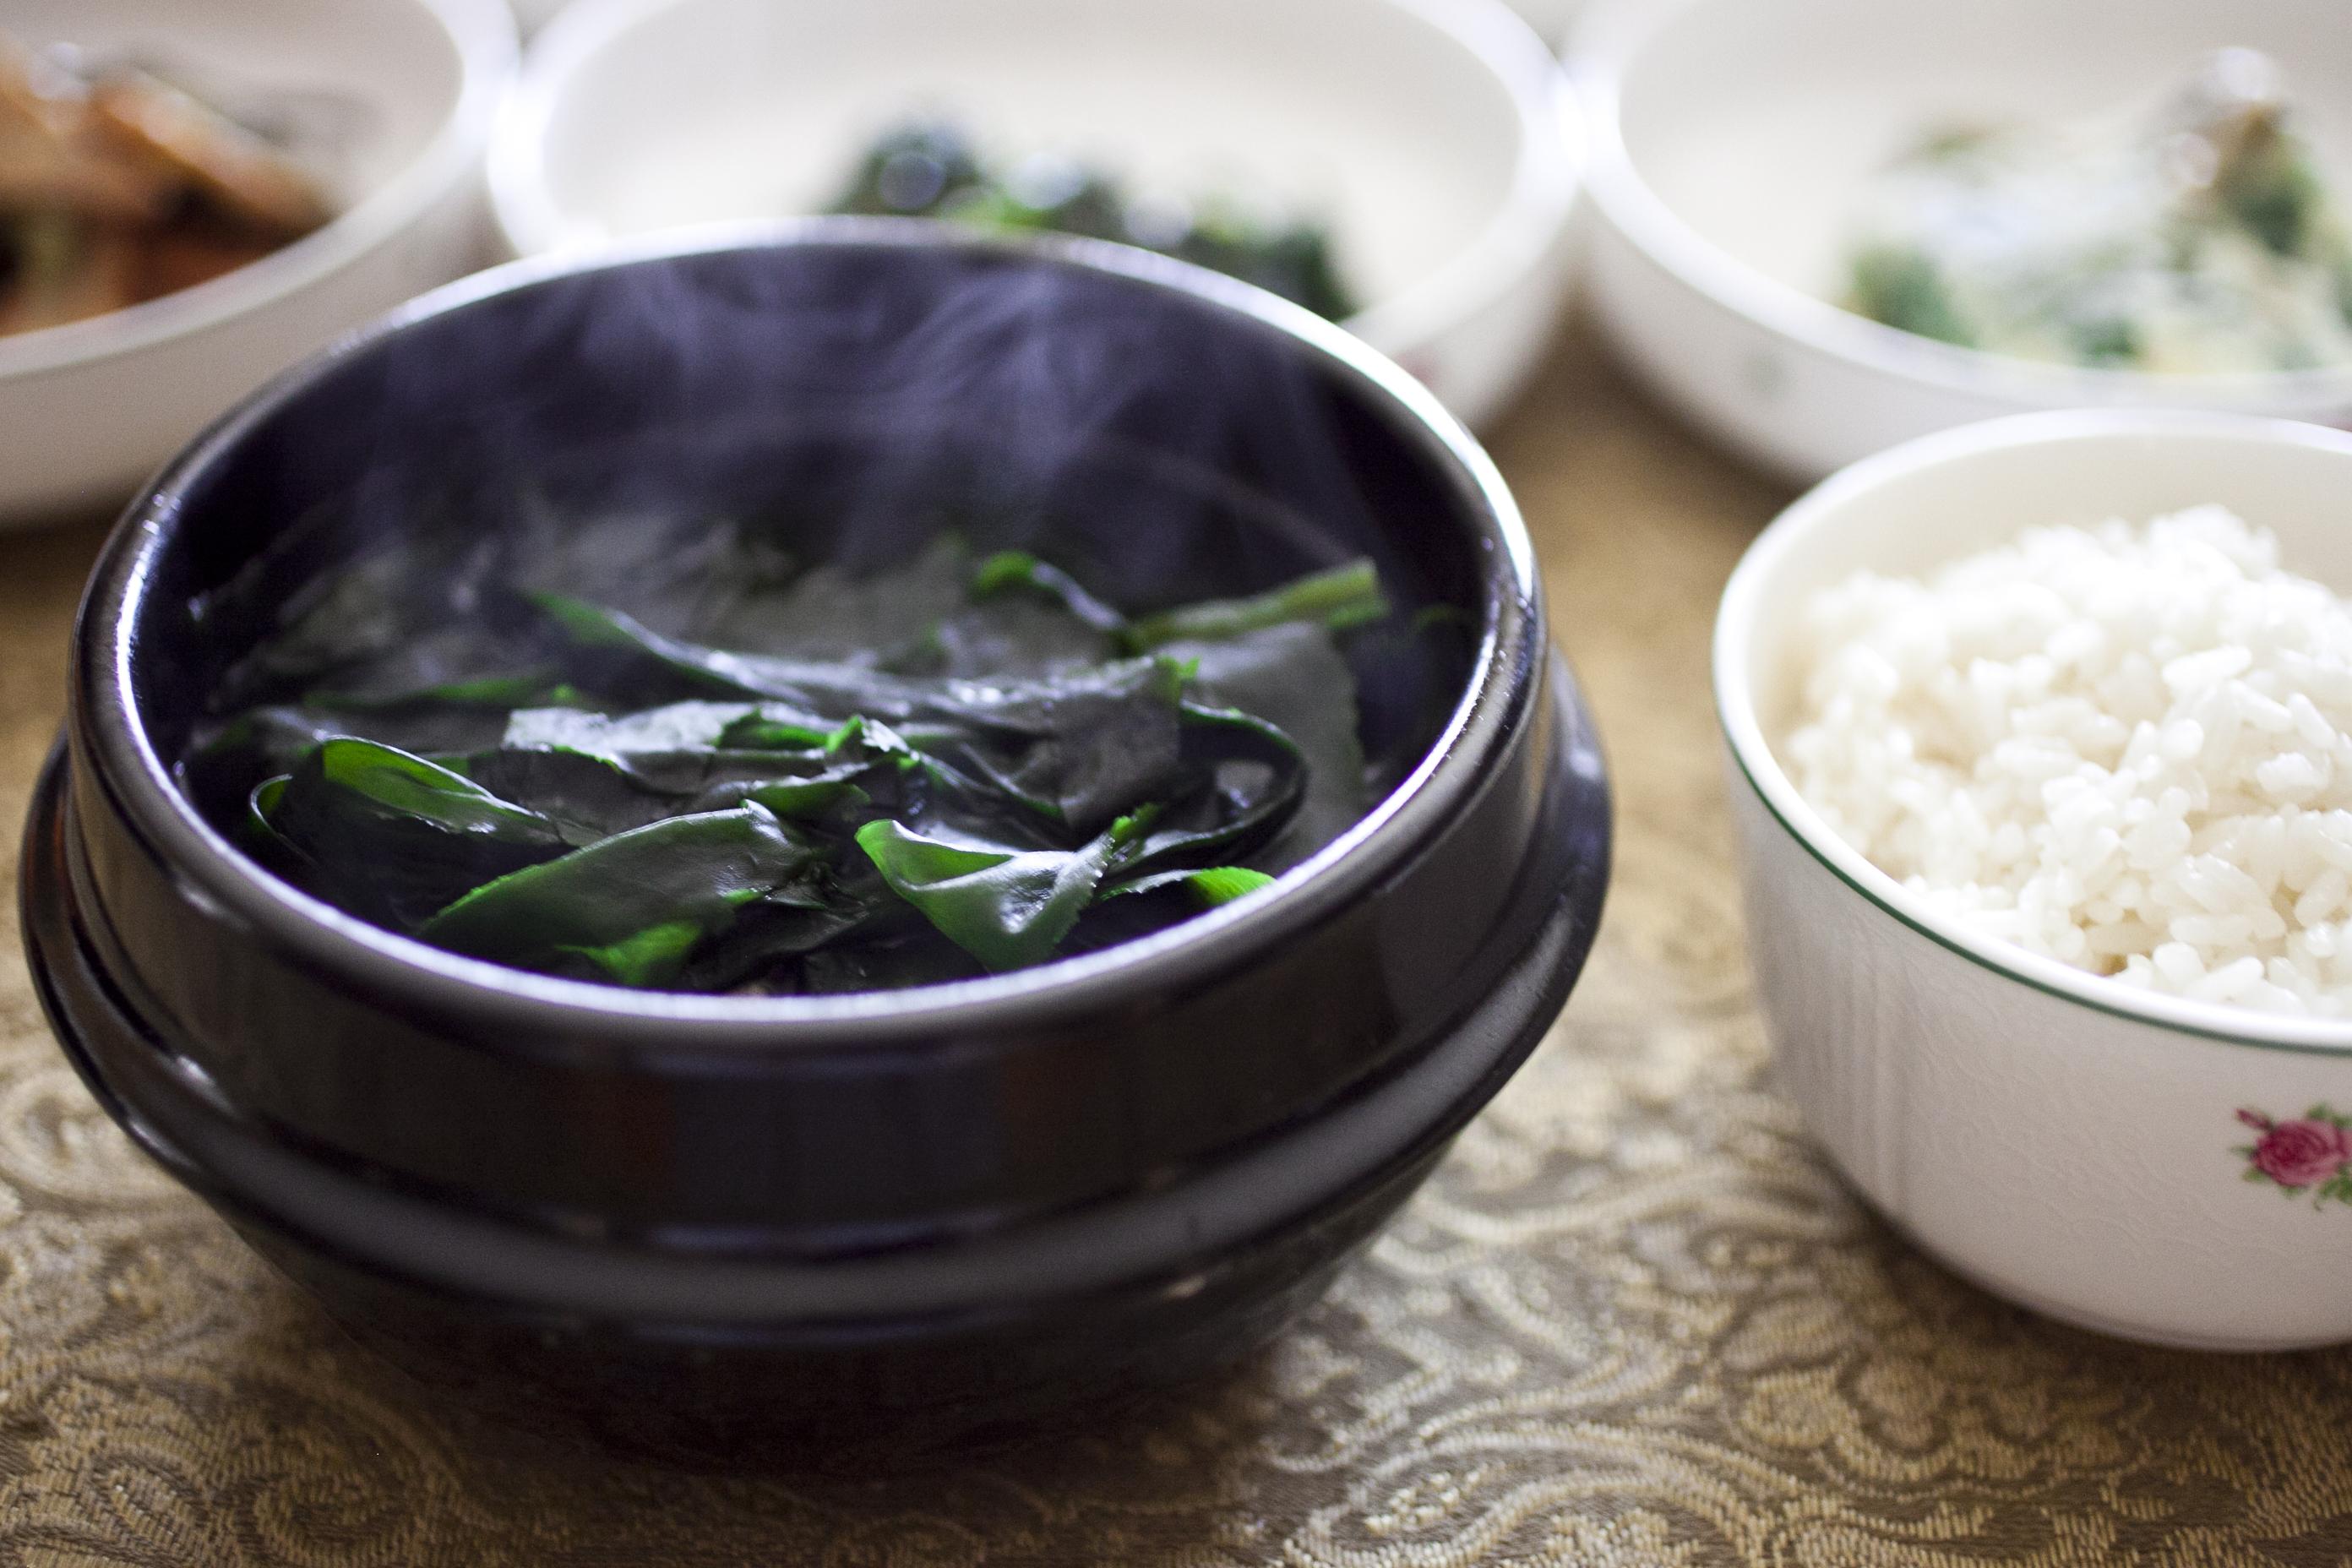 Học chế độ ăn của người Hàn để có làn da khỏe đẹp từ bên trong - Ảnh 2.